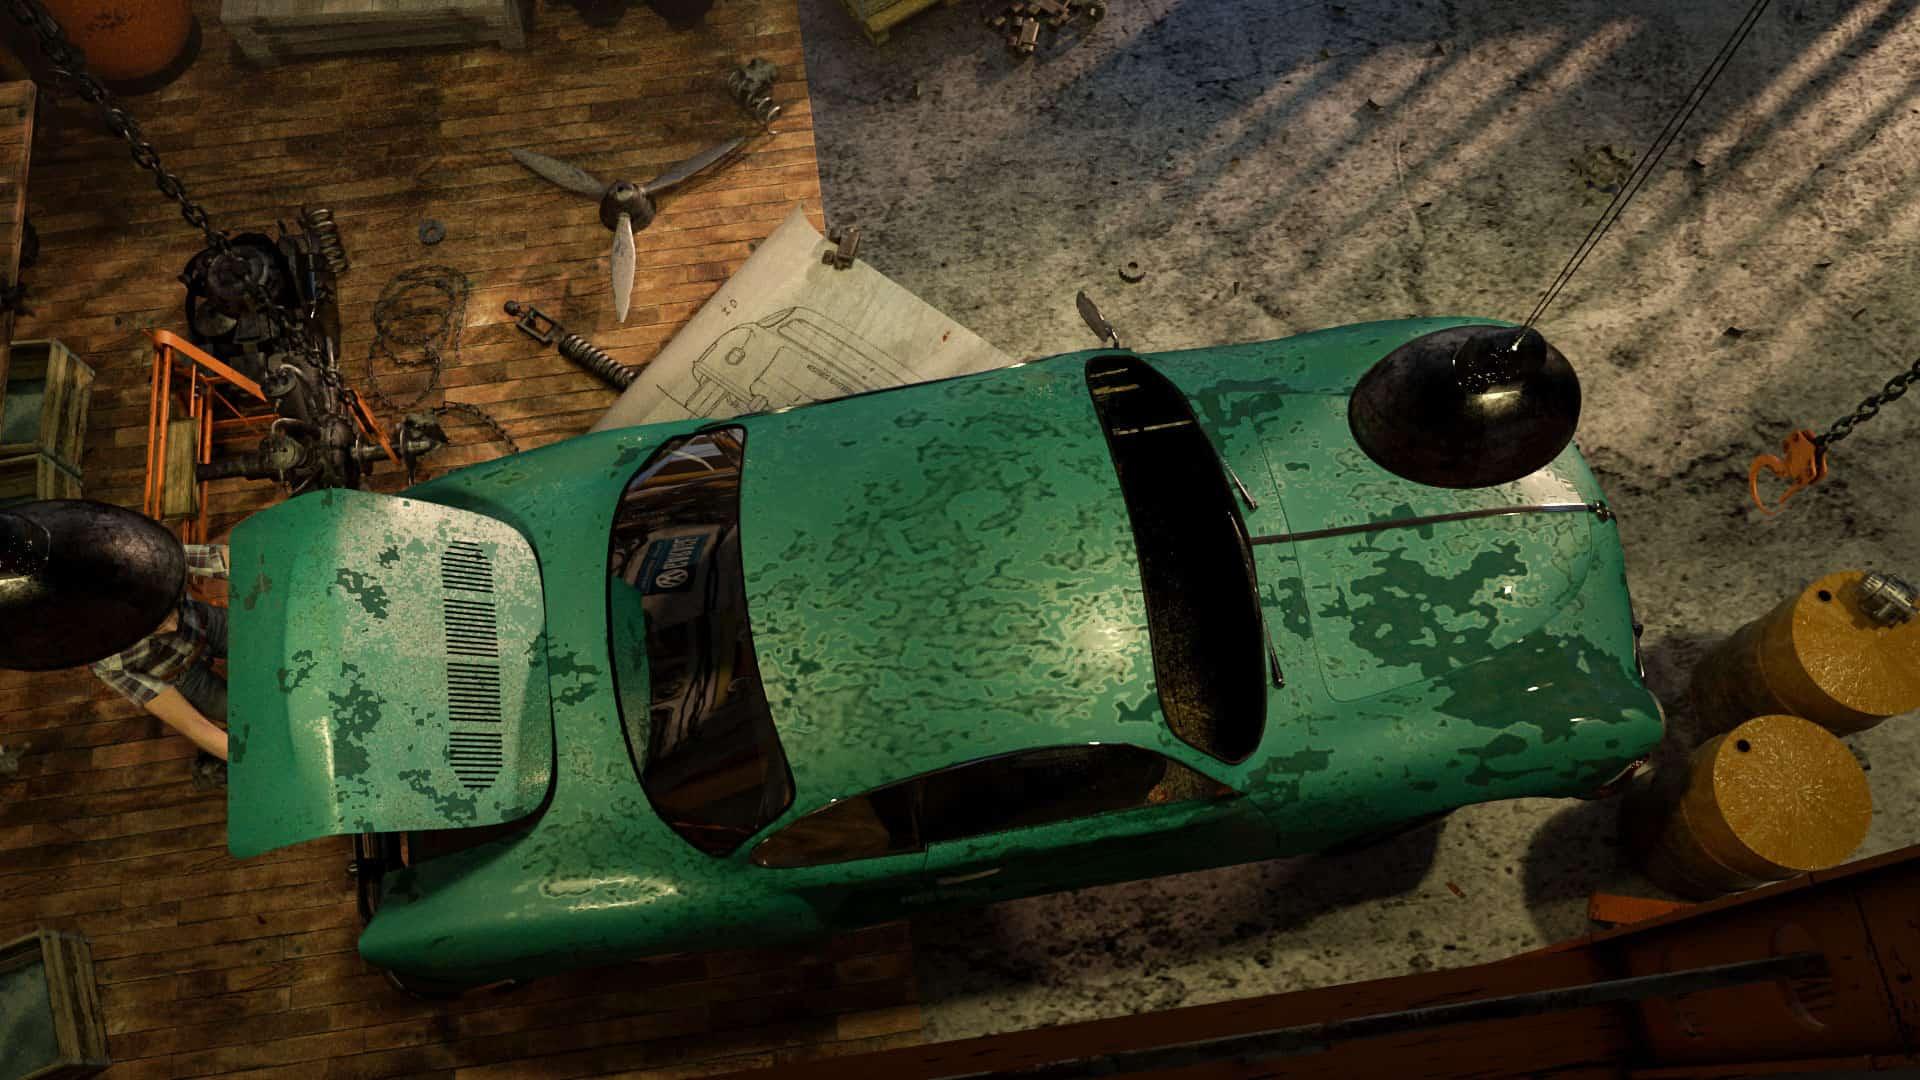 Karmann Ghia '72